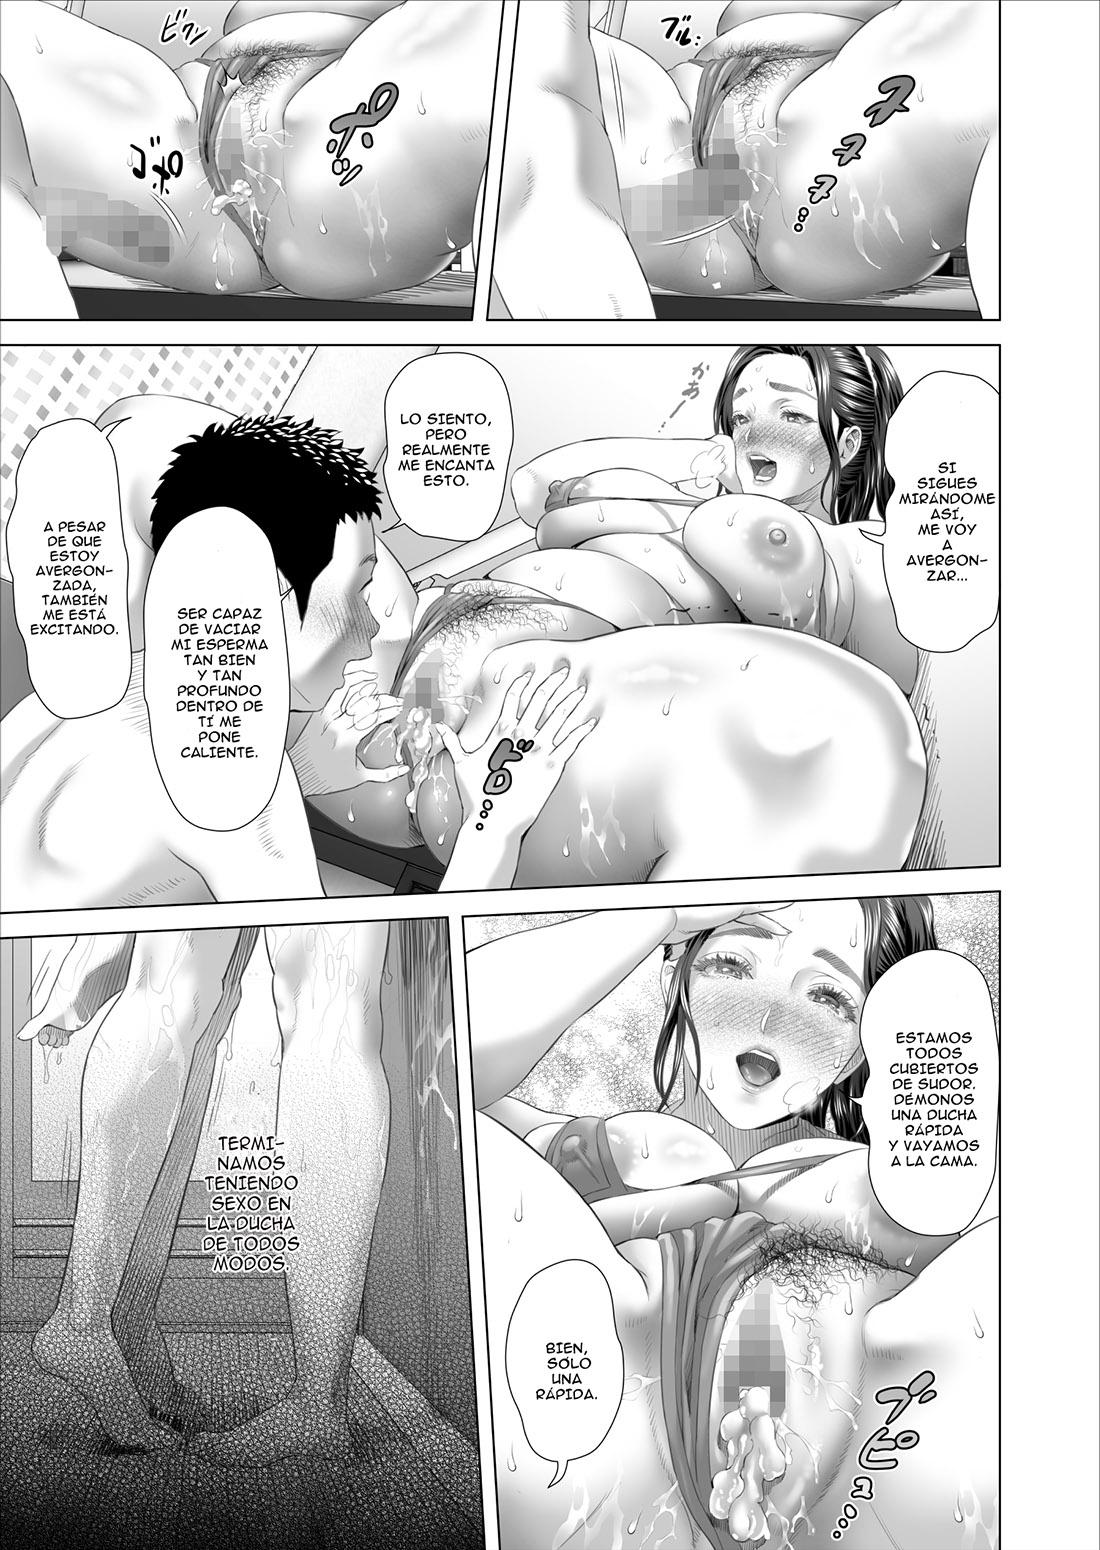 La MADRE drena el DESEO SEXUAL Desbordante de su HIJO